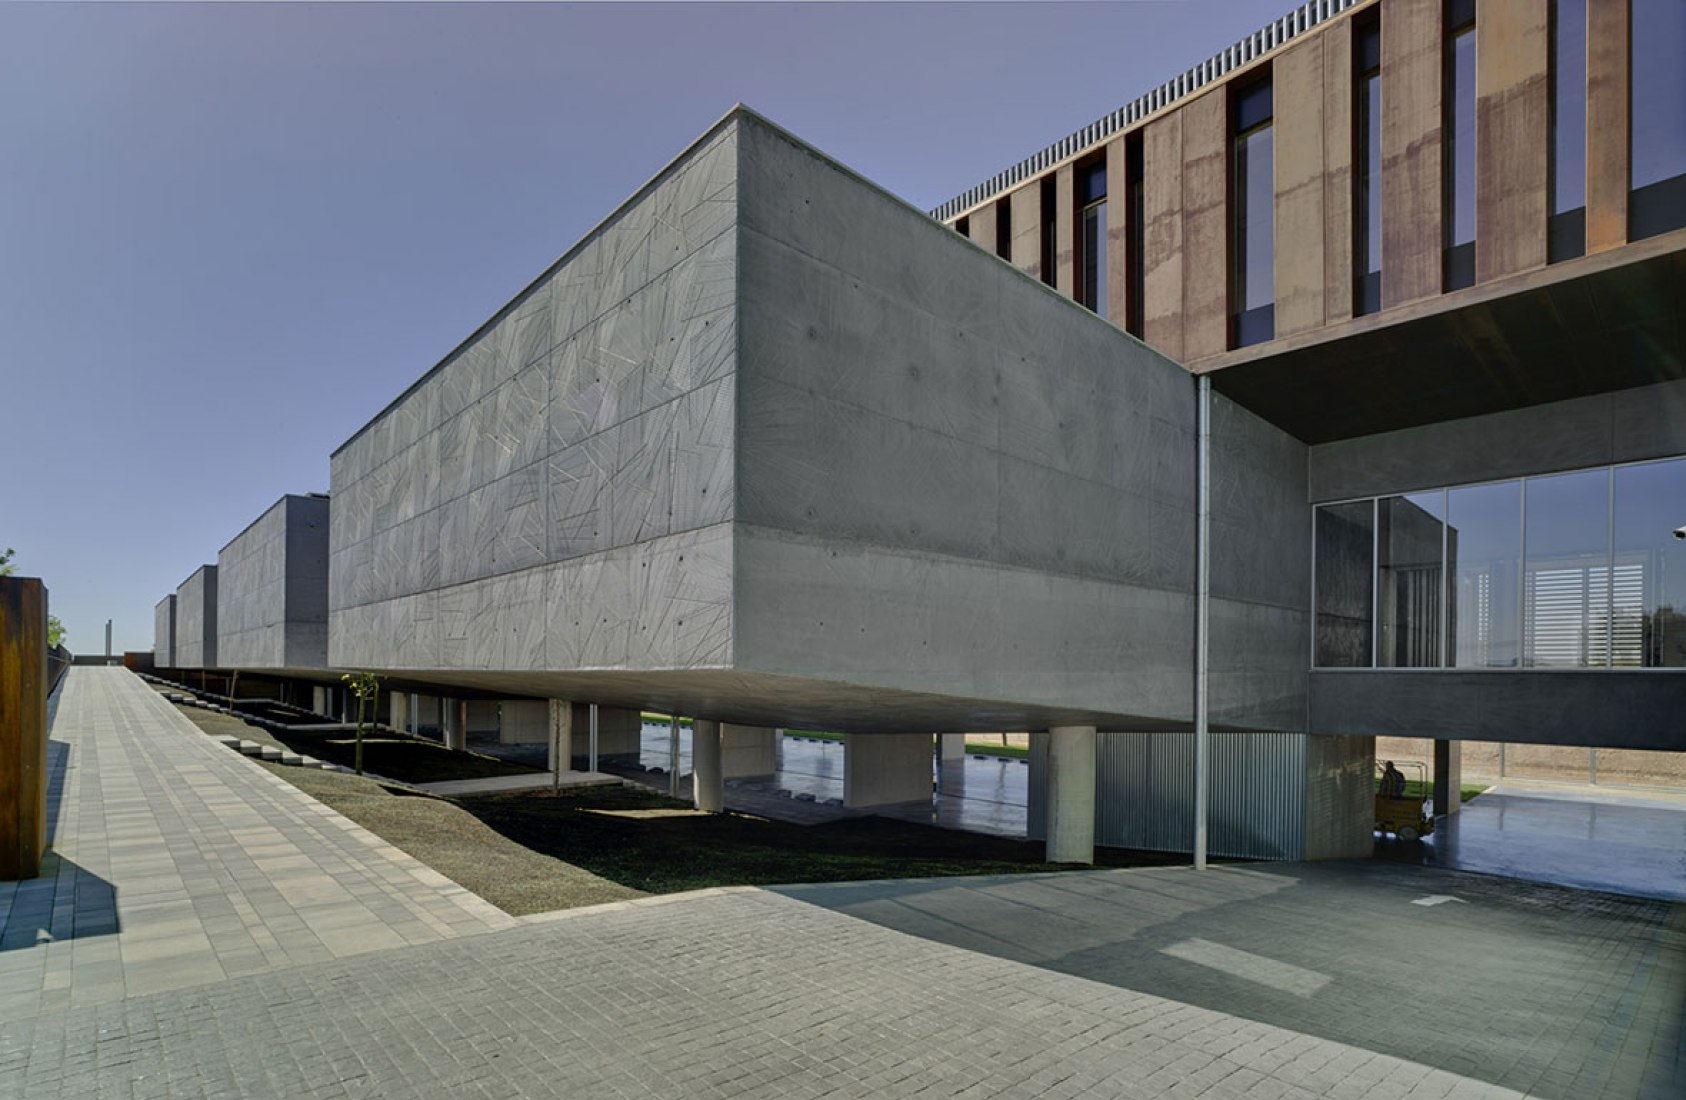 Exterior. Edificio de oficinas + aulas de formación por Rstudio arquitectura. Fotografía © David Frutos.